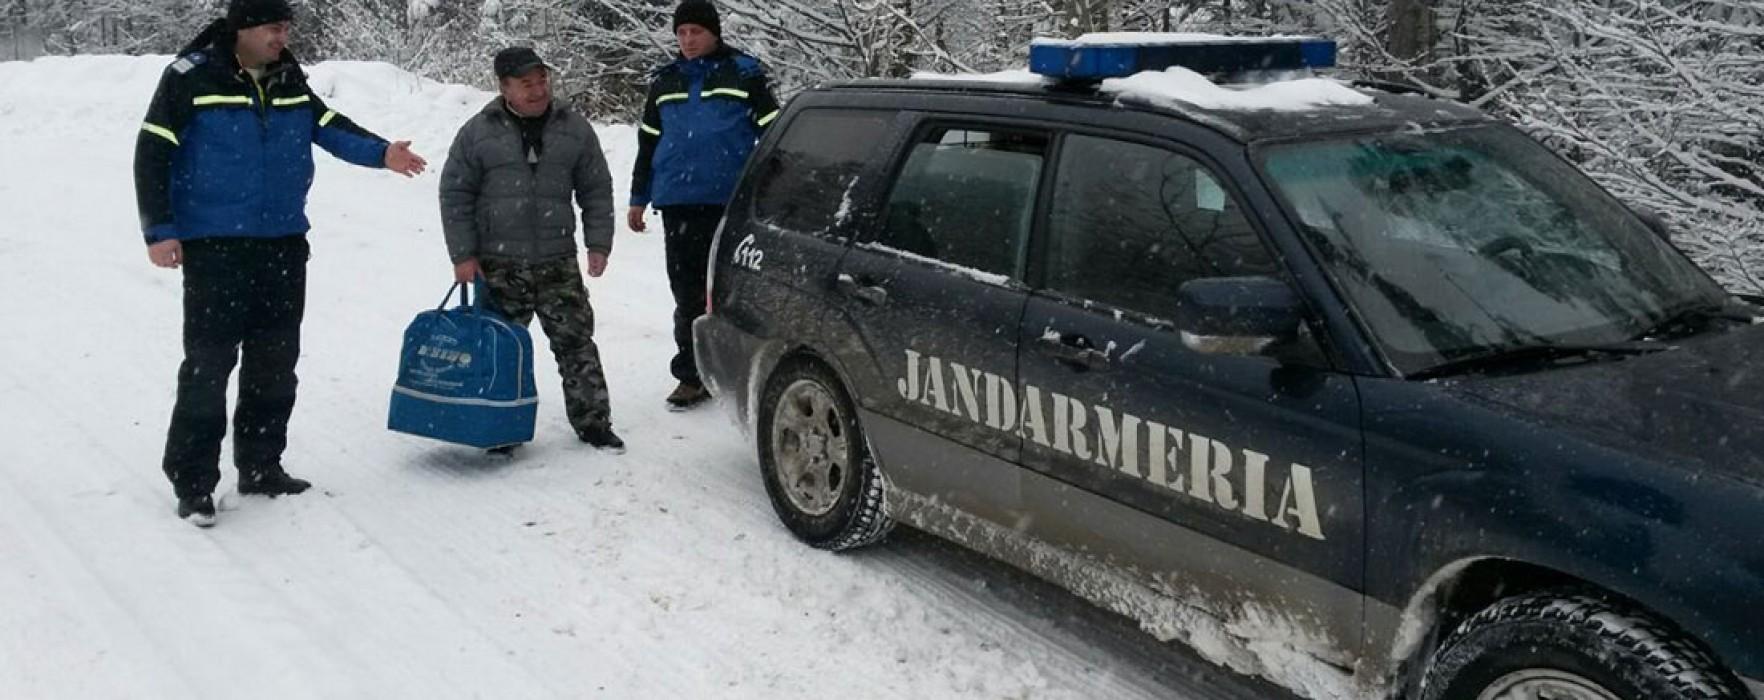 Turişti aflaţi în dificultate în Masivul Montan Bucegi, sprijiniţi de jandarmii montani